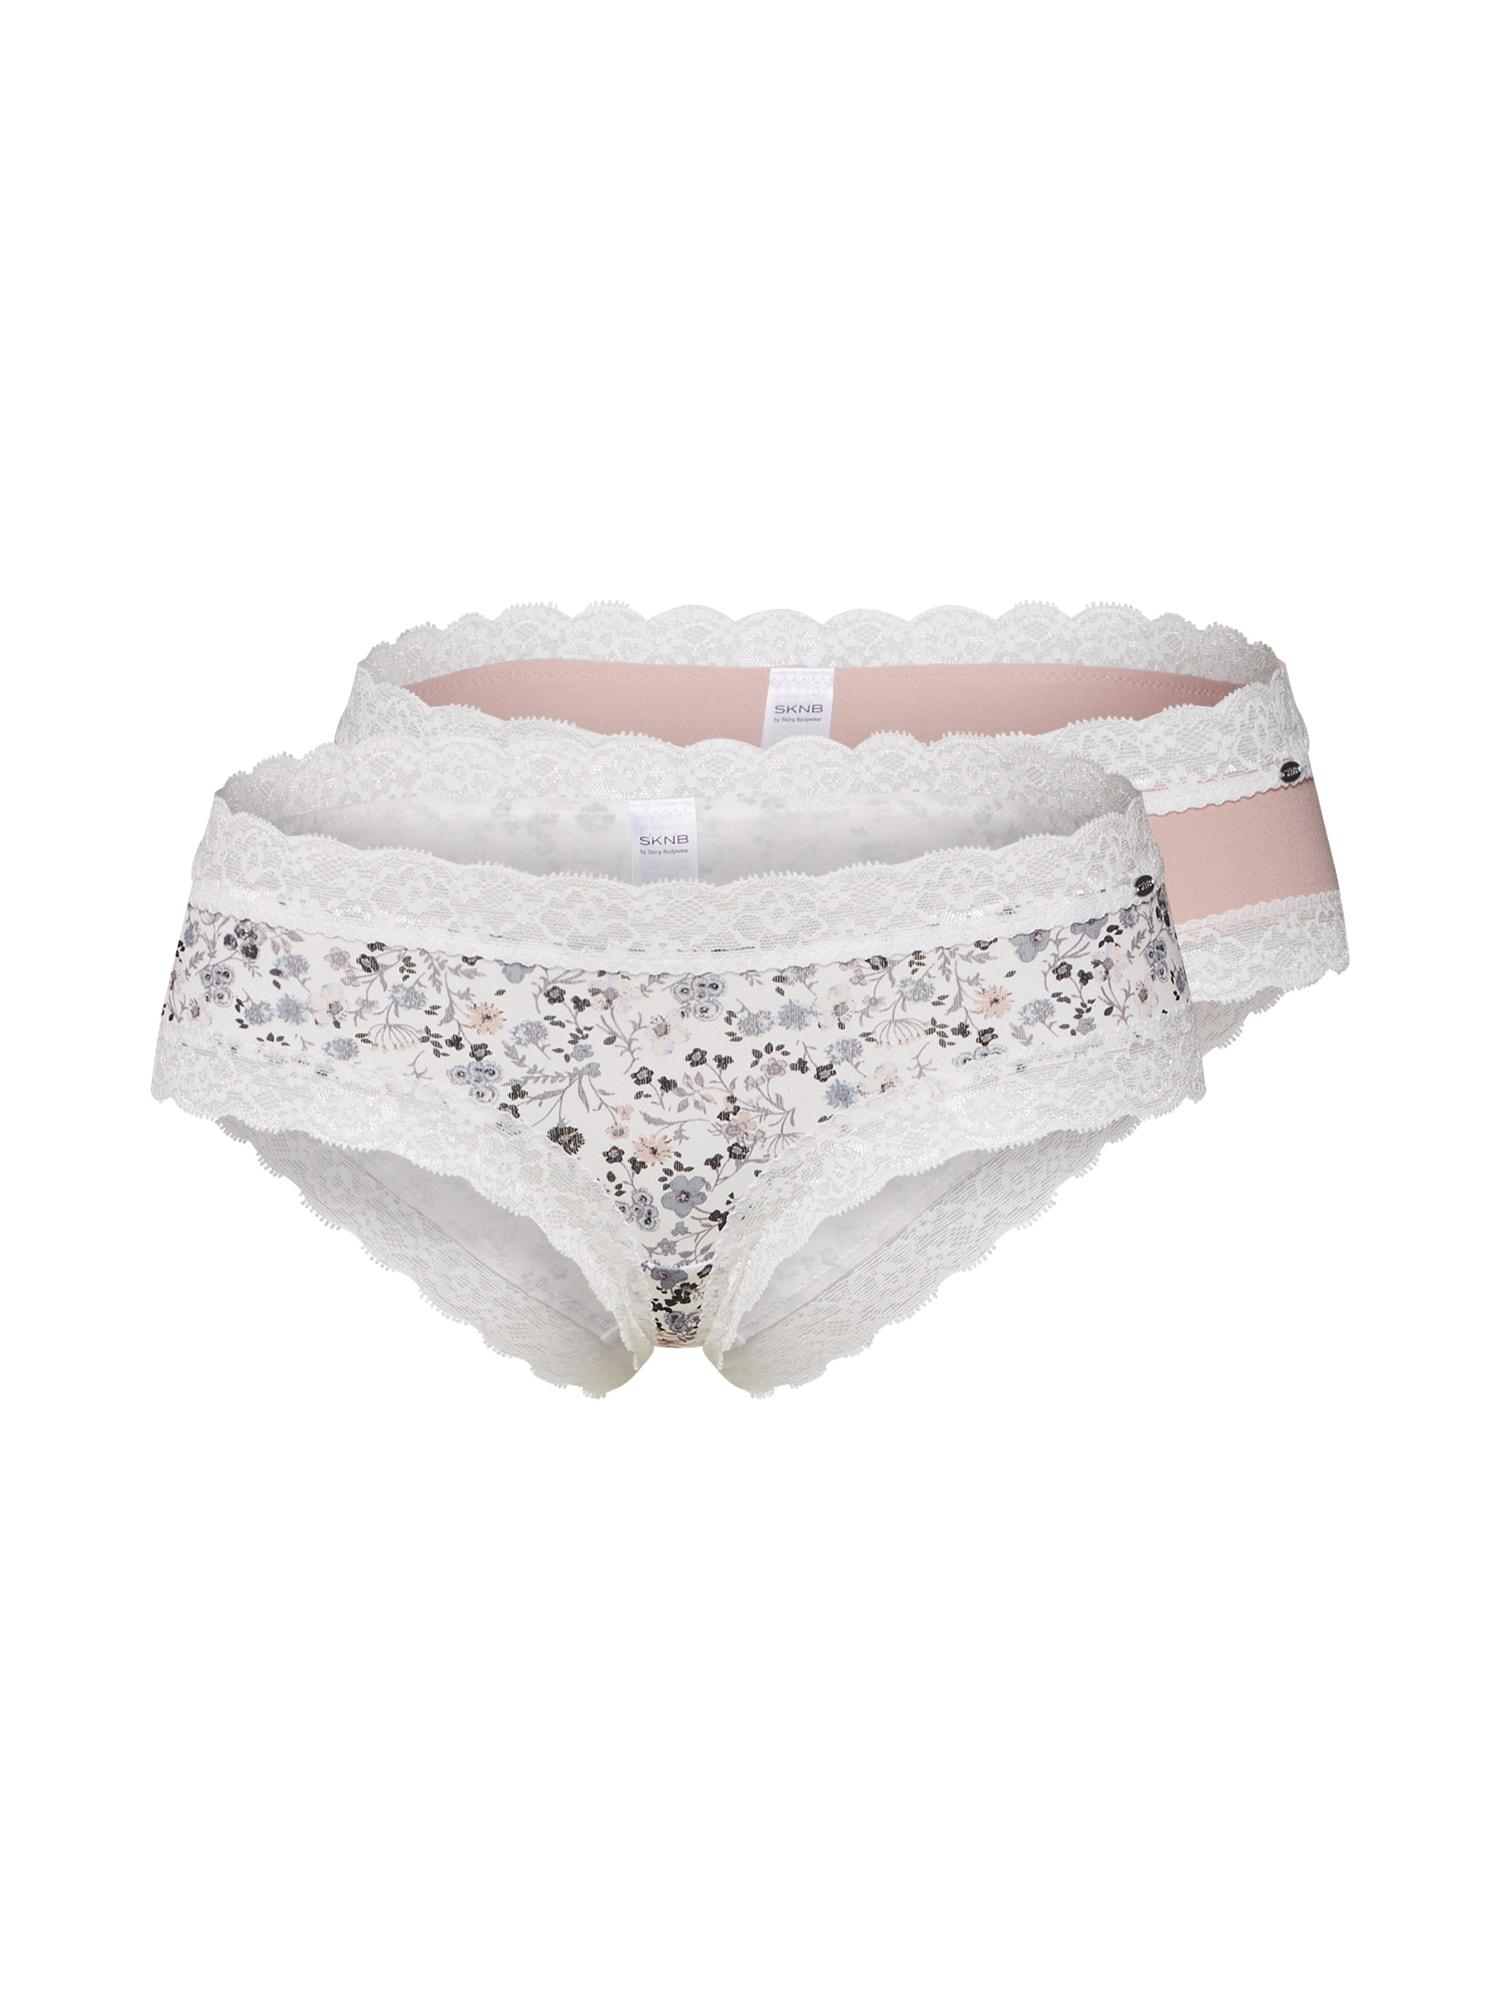 Kalhotky Sweet Cotton Mix mix barev růžová bílá Skiny